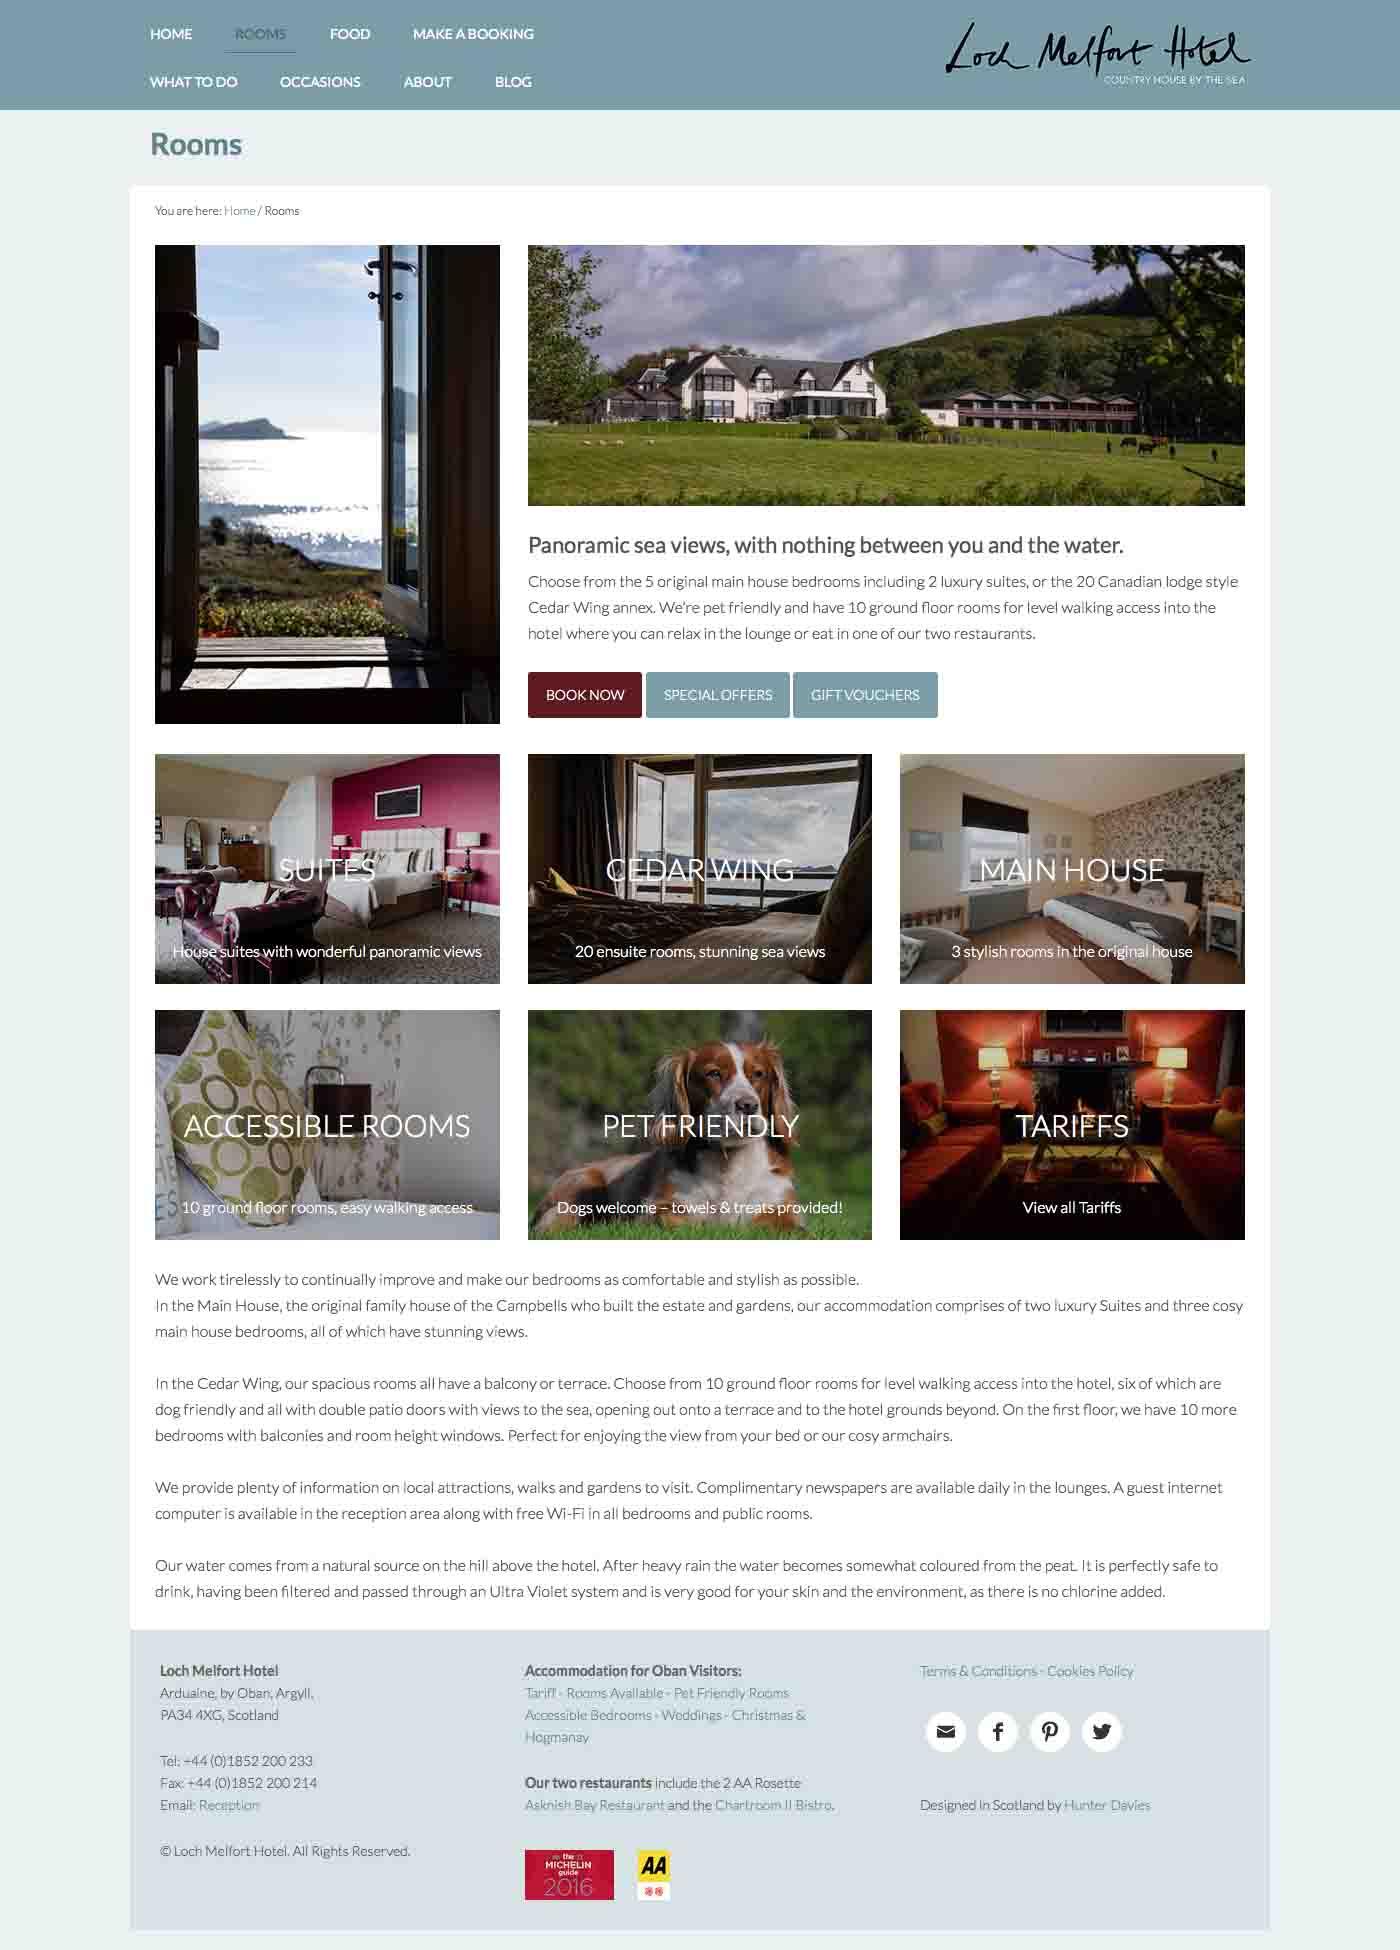 Rooms - Loch Melfort Hotel